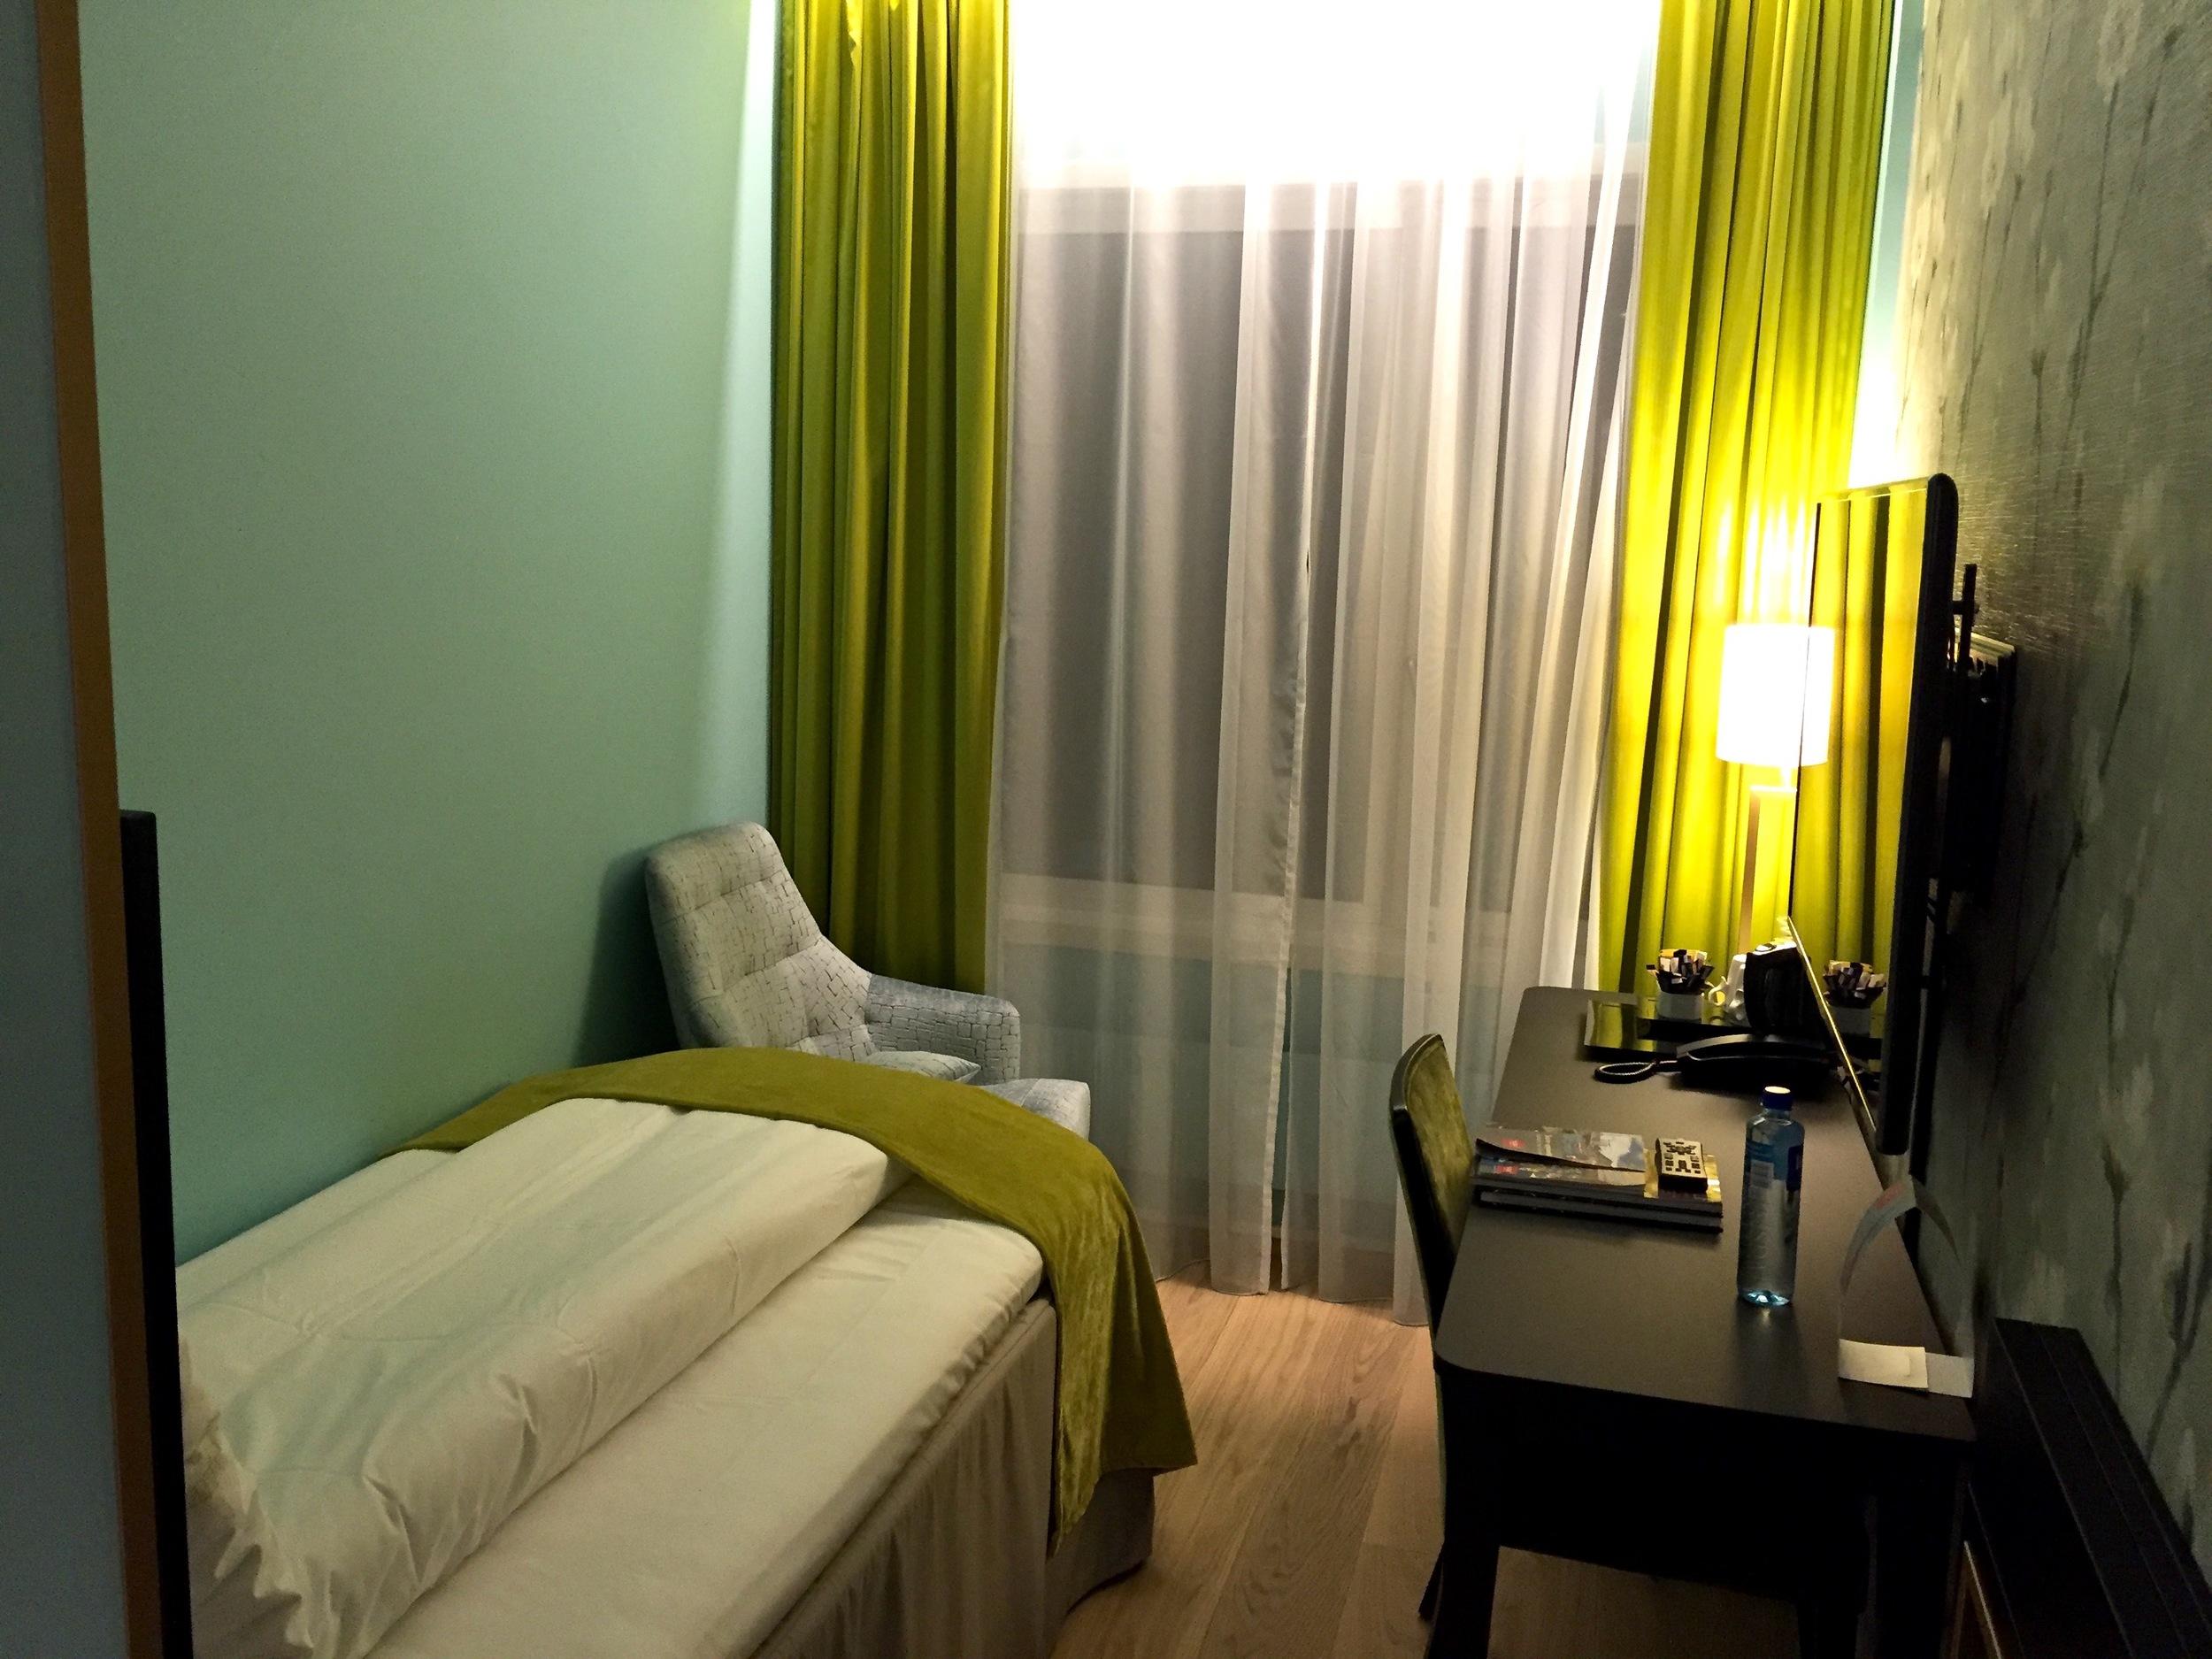 De små rommene er ... små ... og billige.                    Foto: Odd Roar Lange